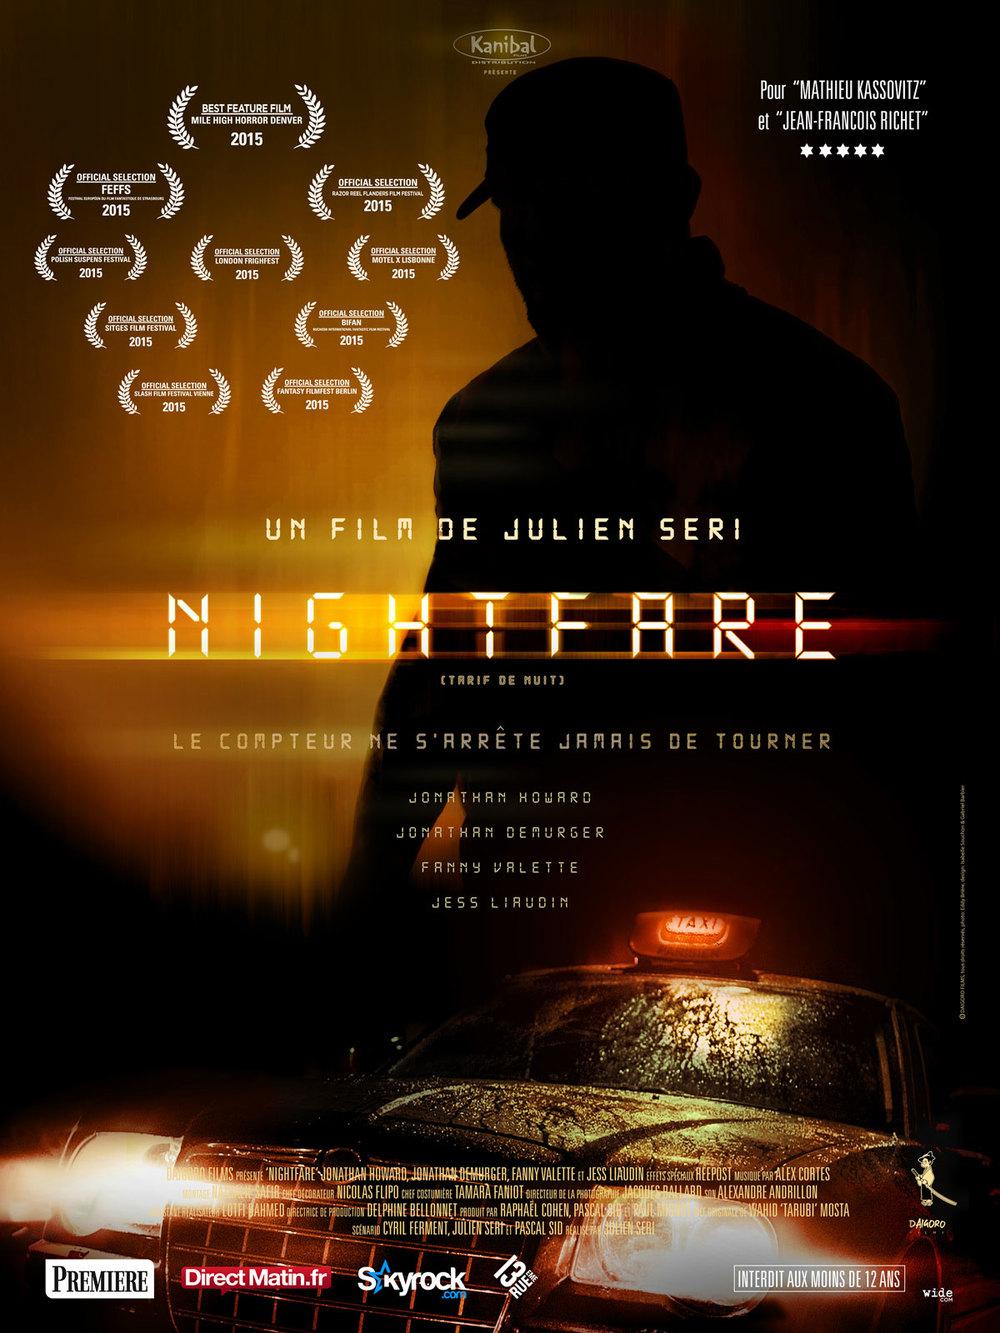 Night Fare (J. Seri)